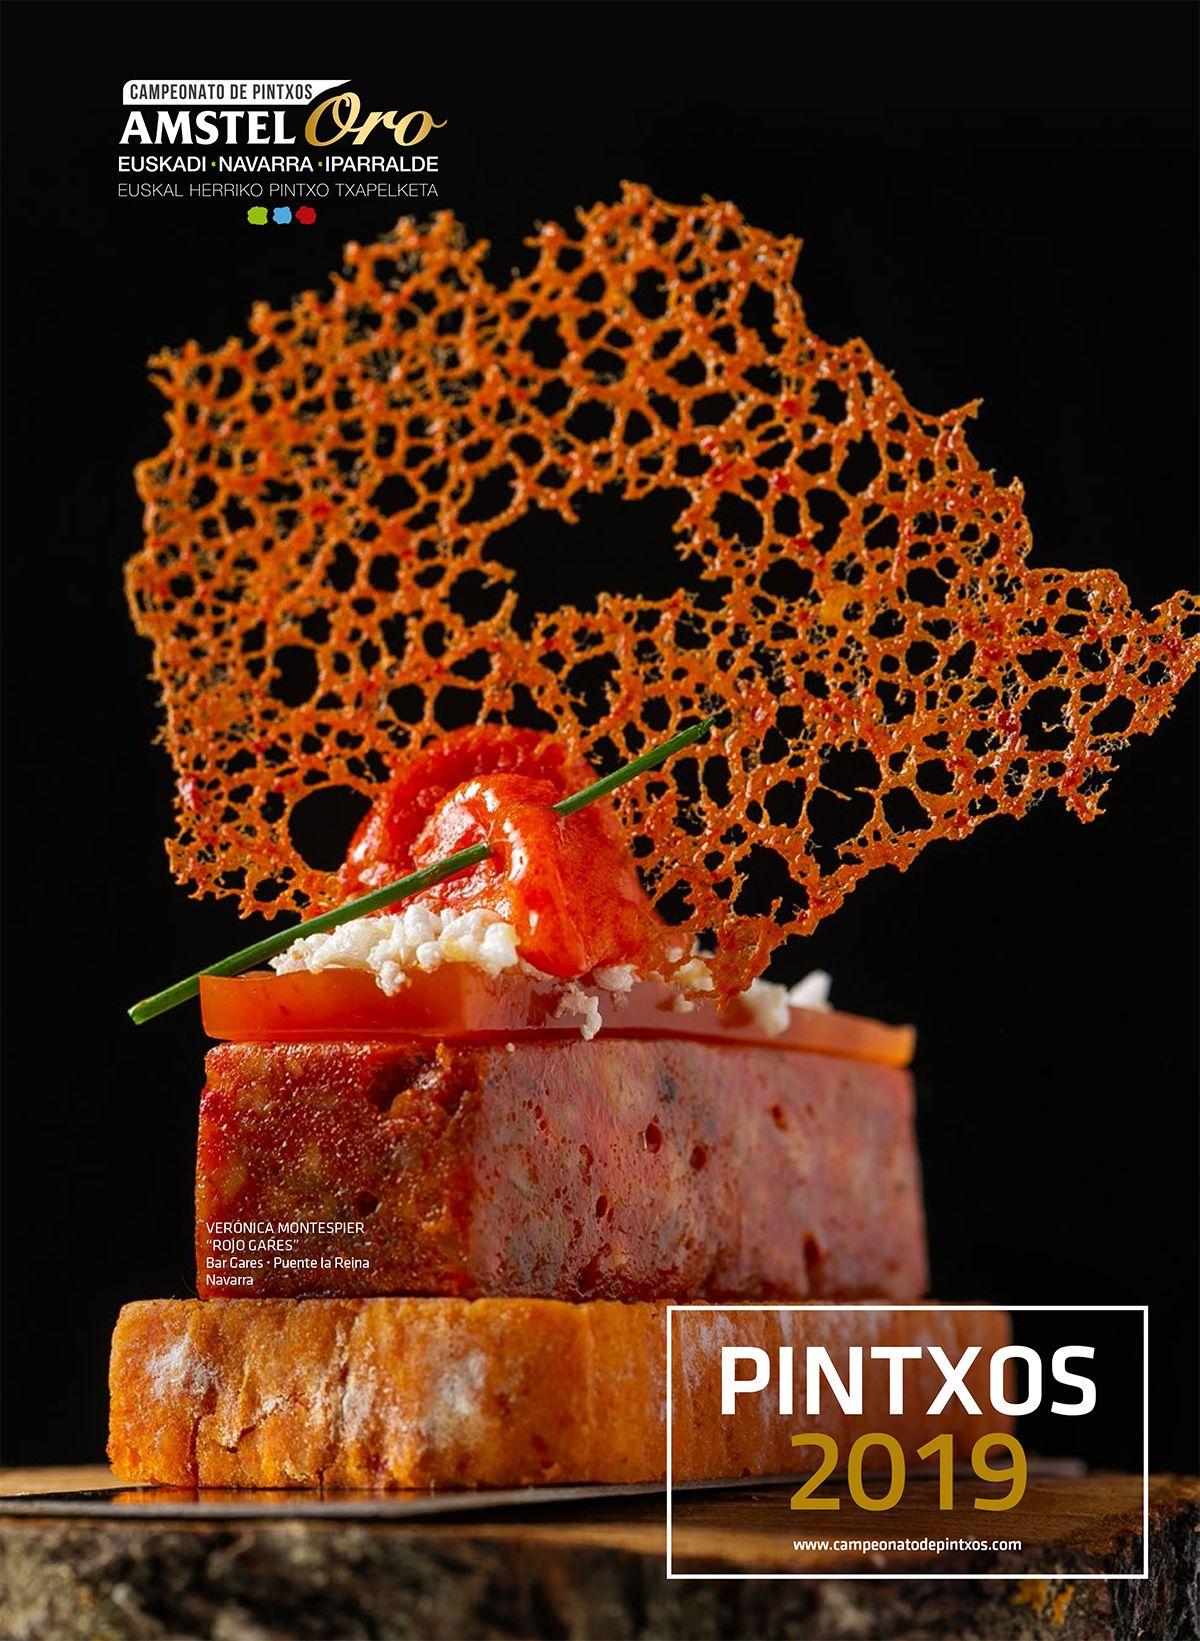 Portada-Pintxos-2019